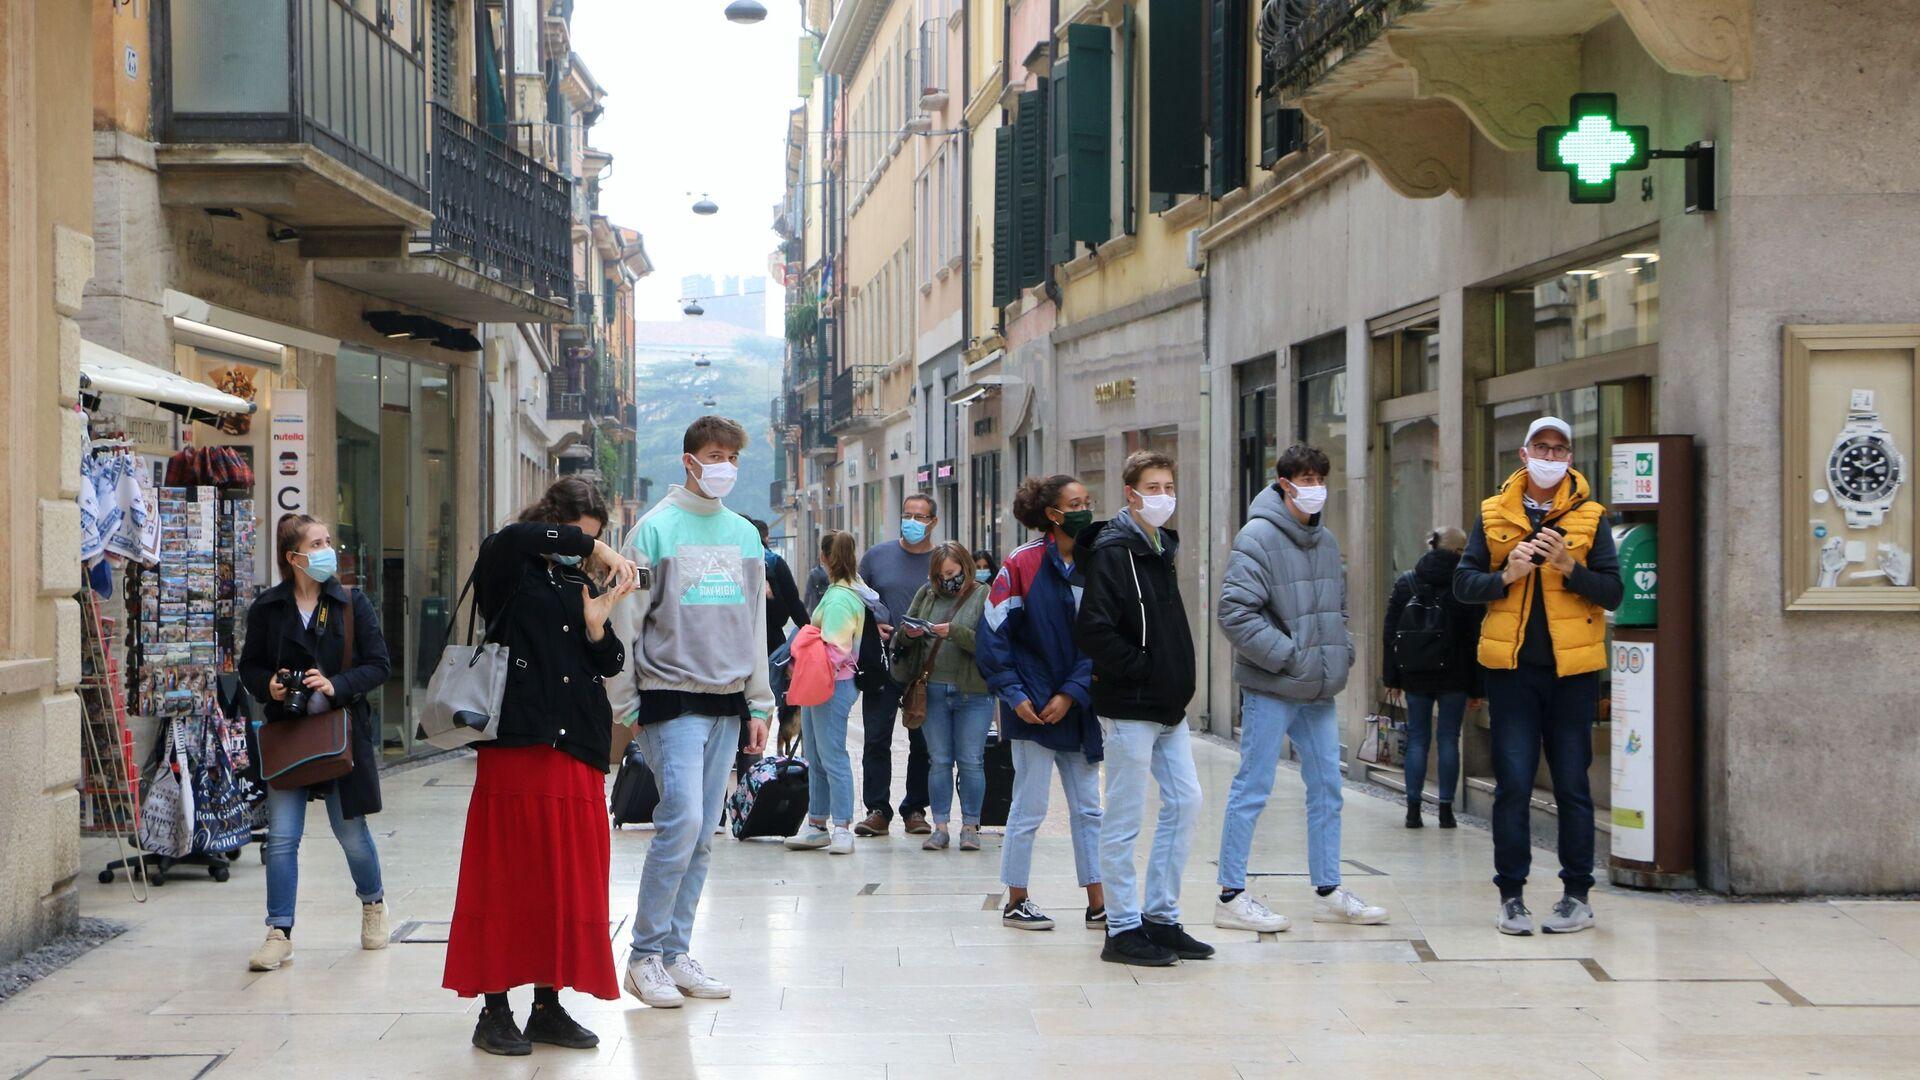 Ragazzi in mascherina in una strada - Sputnik Italia, 1920, 21.06.2021